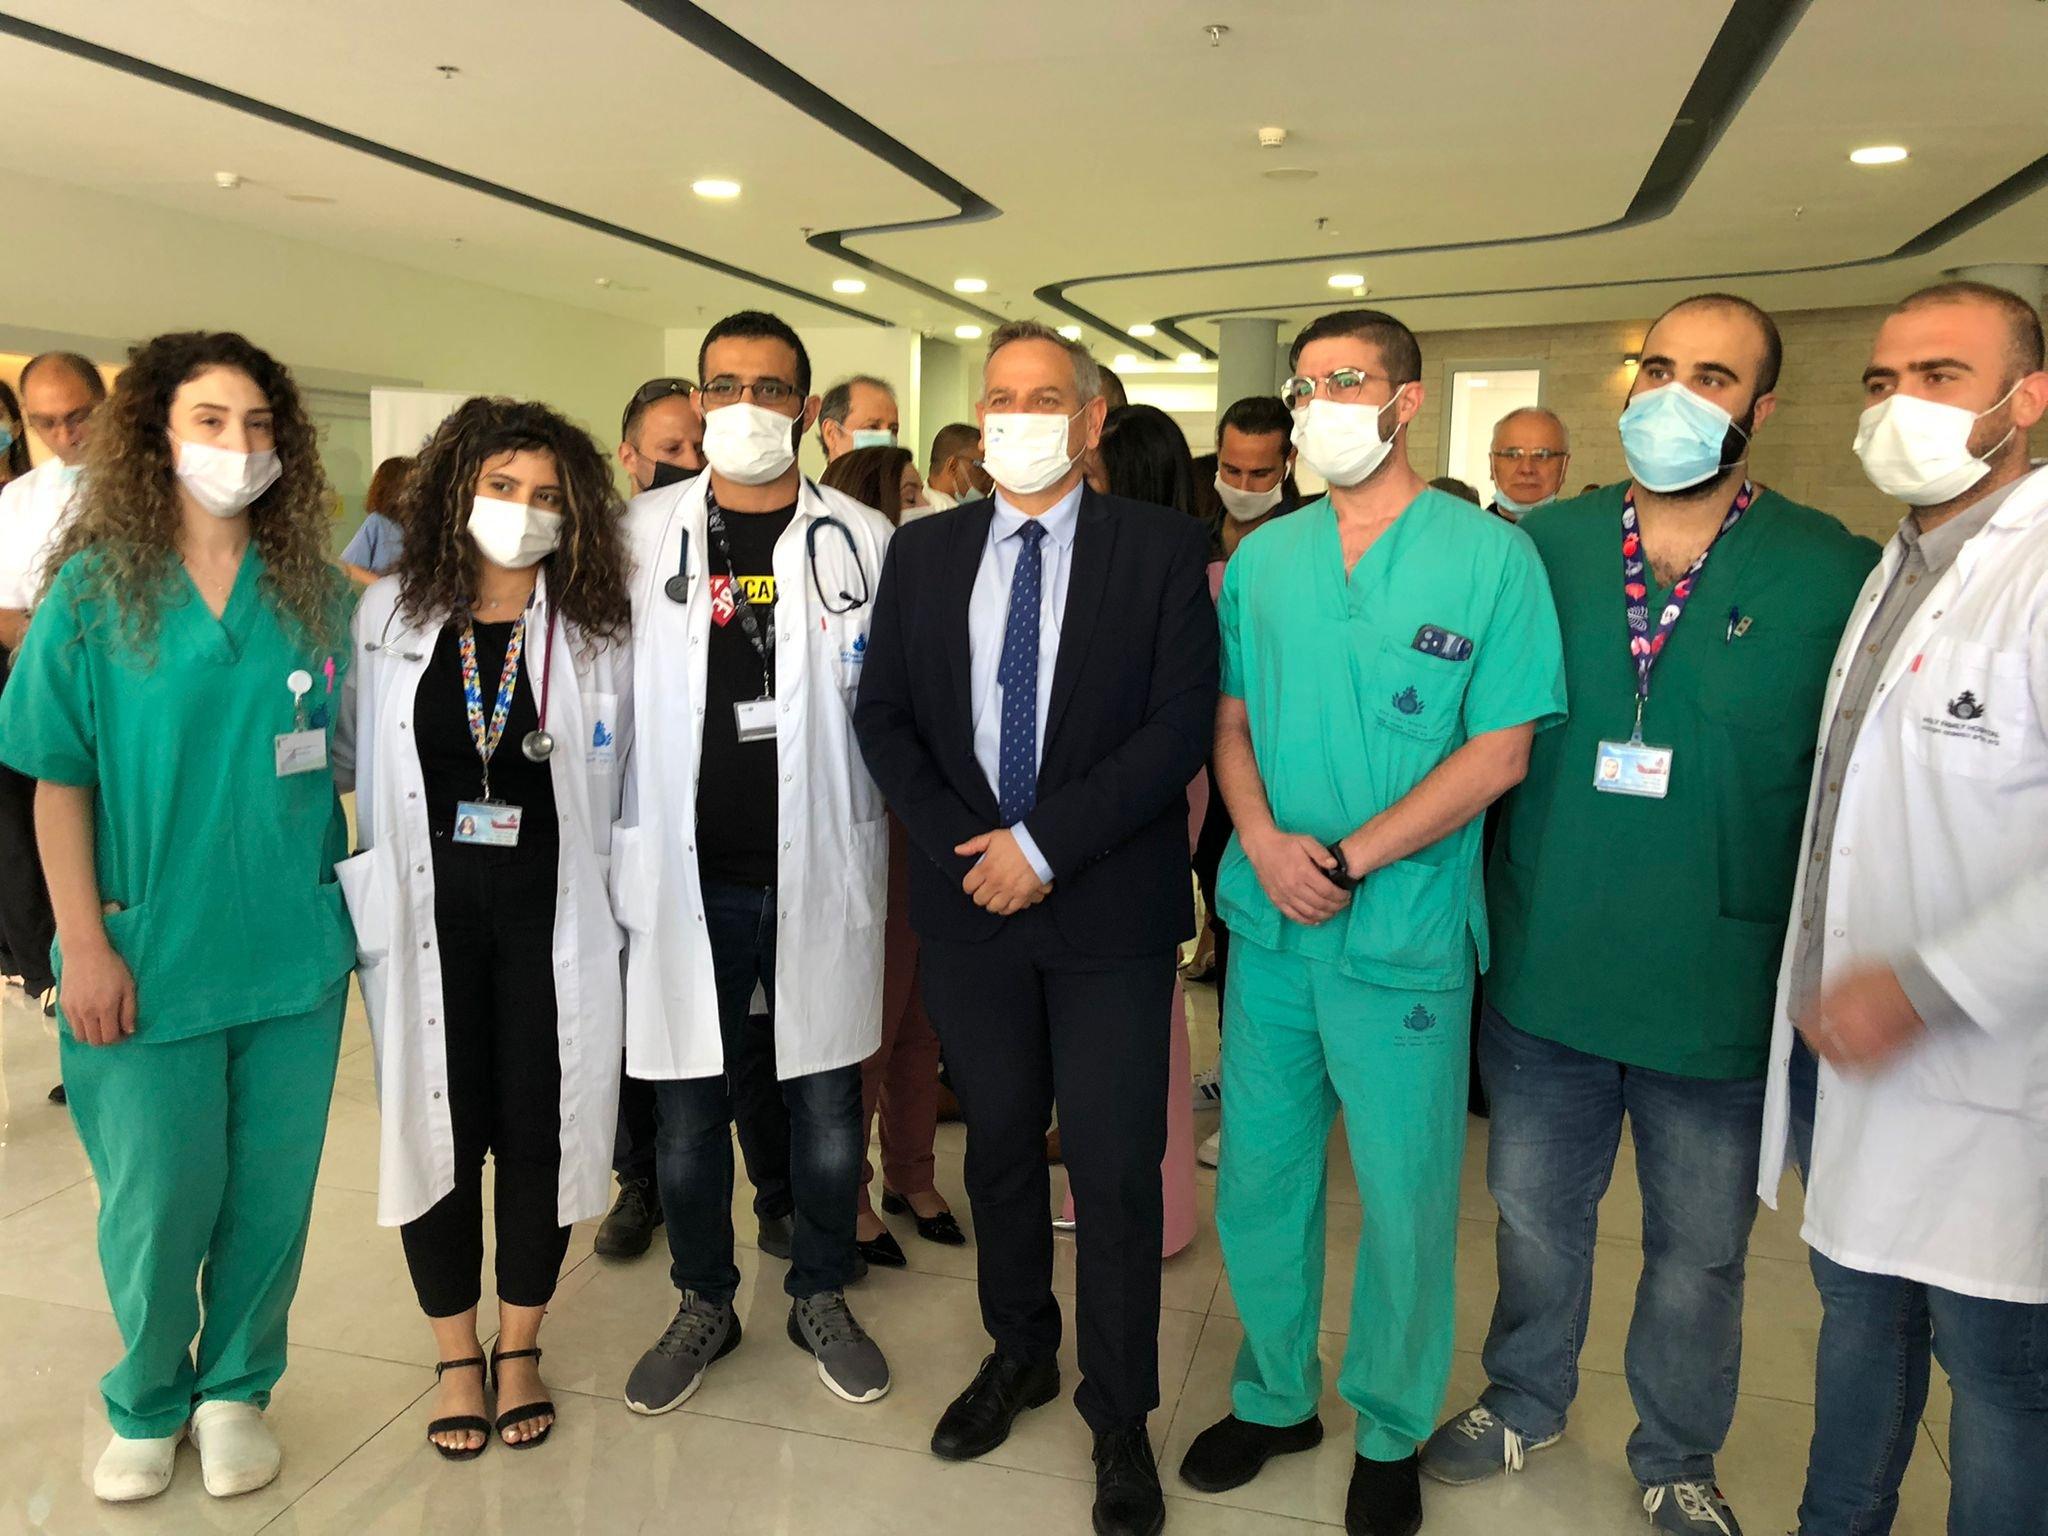 """وعد بدعم كبير لمستشفيات المدينة.. وزير الصحة في الناصرة يتحدث لـ""""بكرا""""، وهذا ما قاله عن """"الكنابيس""""-8"""